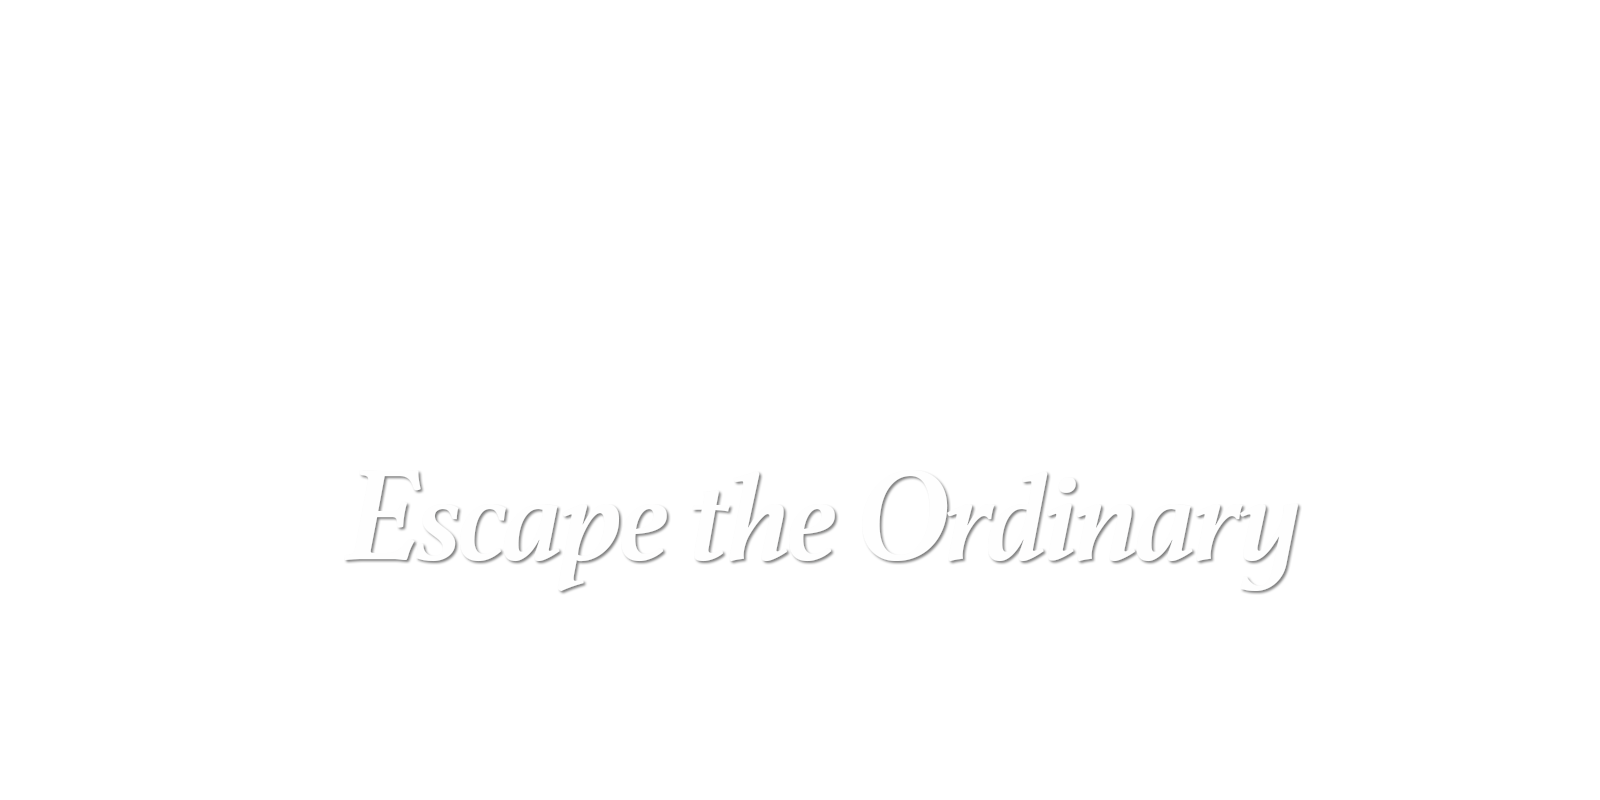 Escape the Ordinary